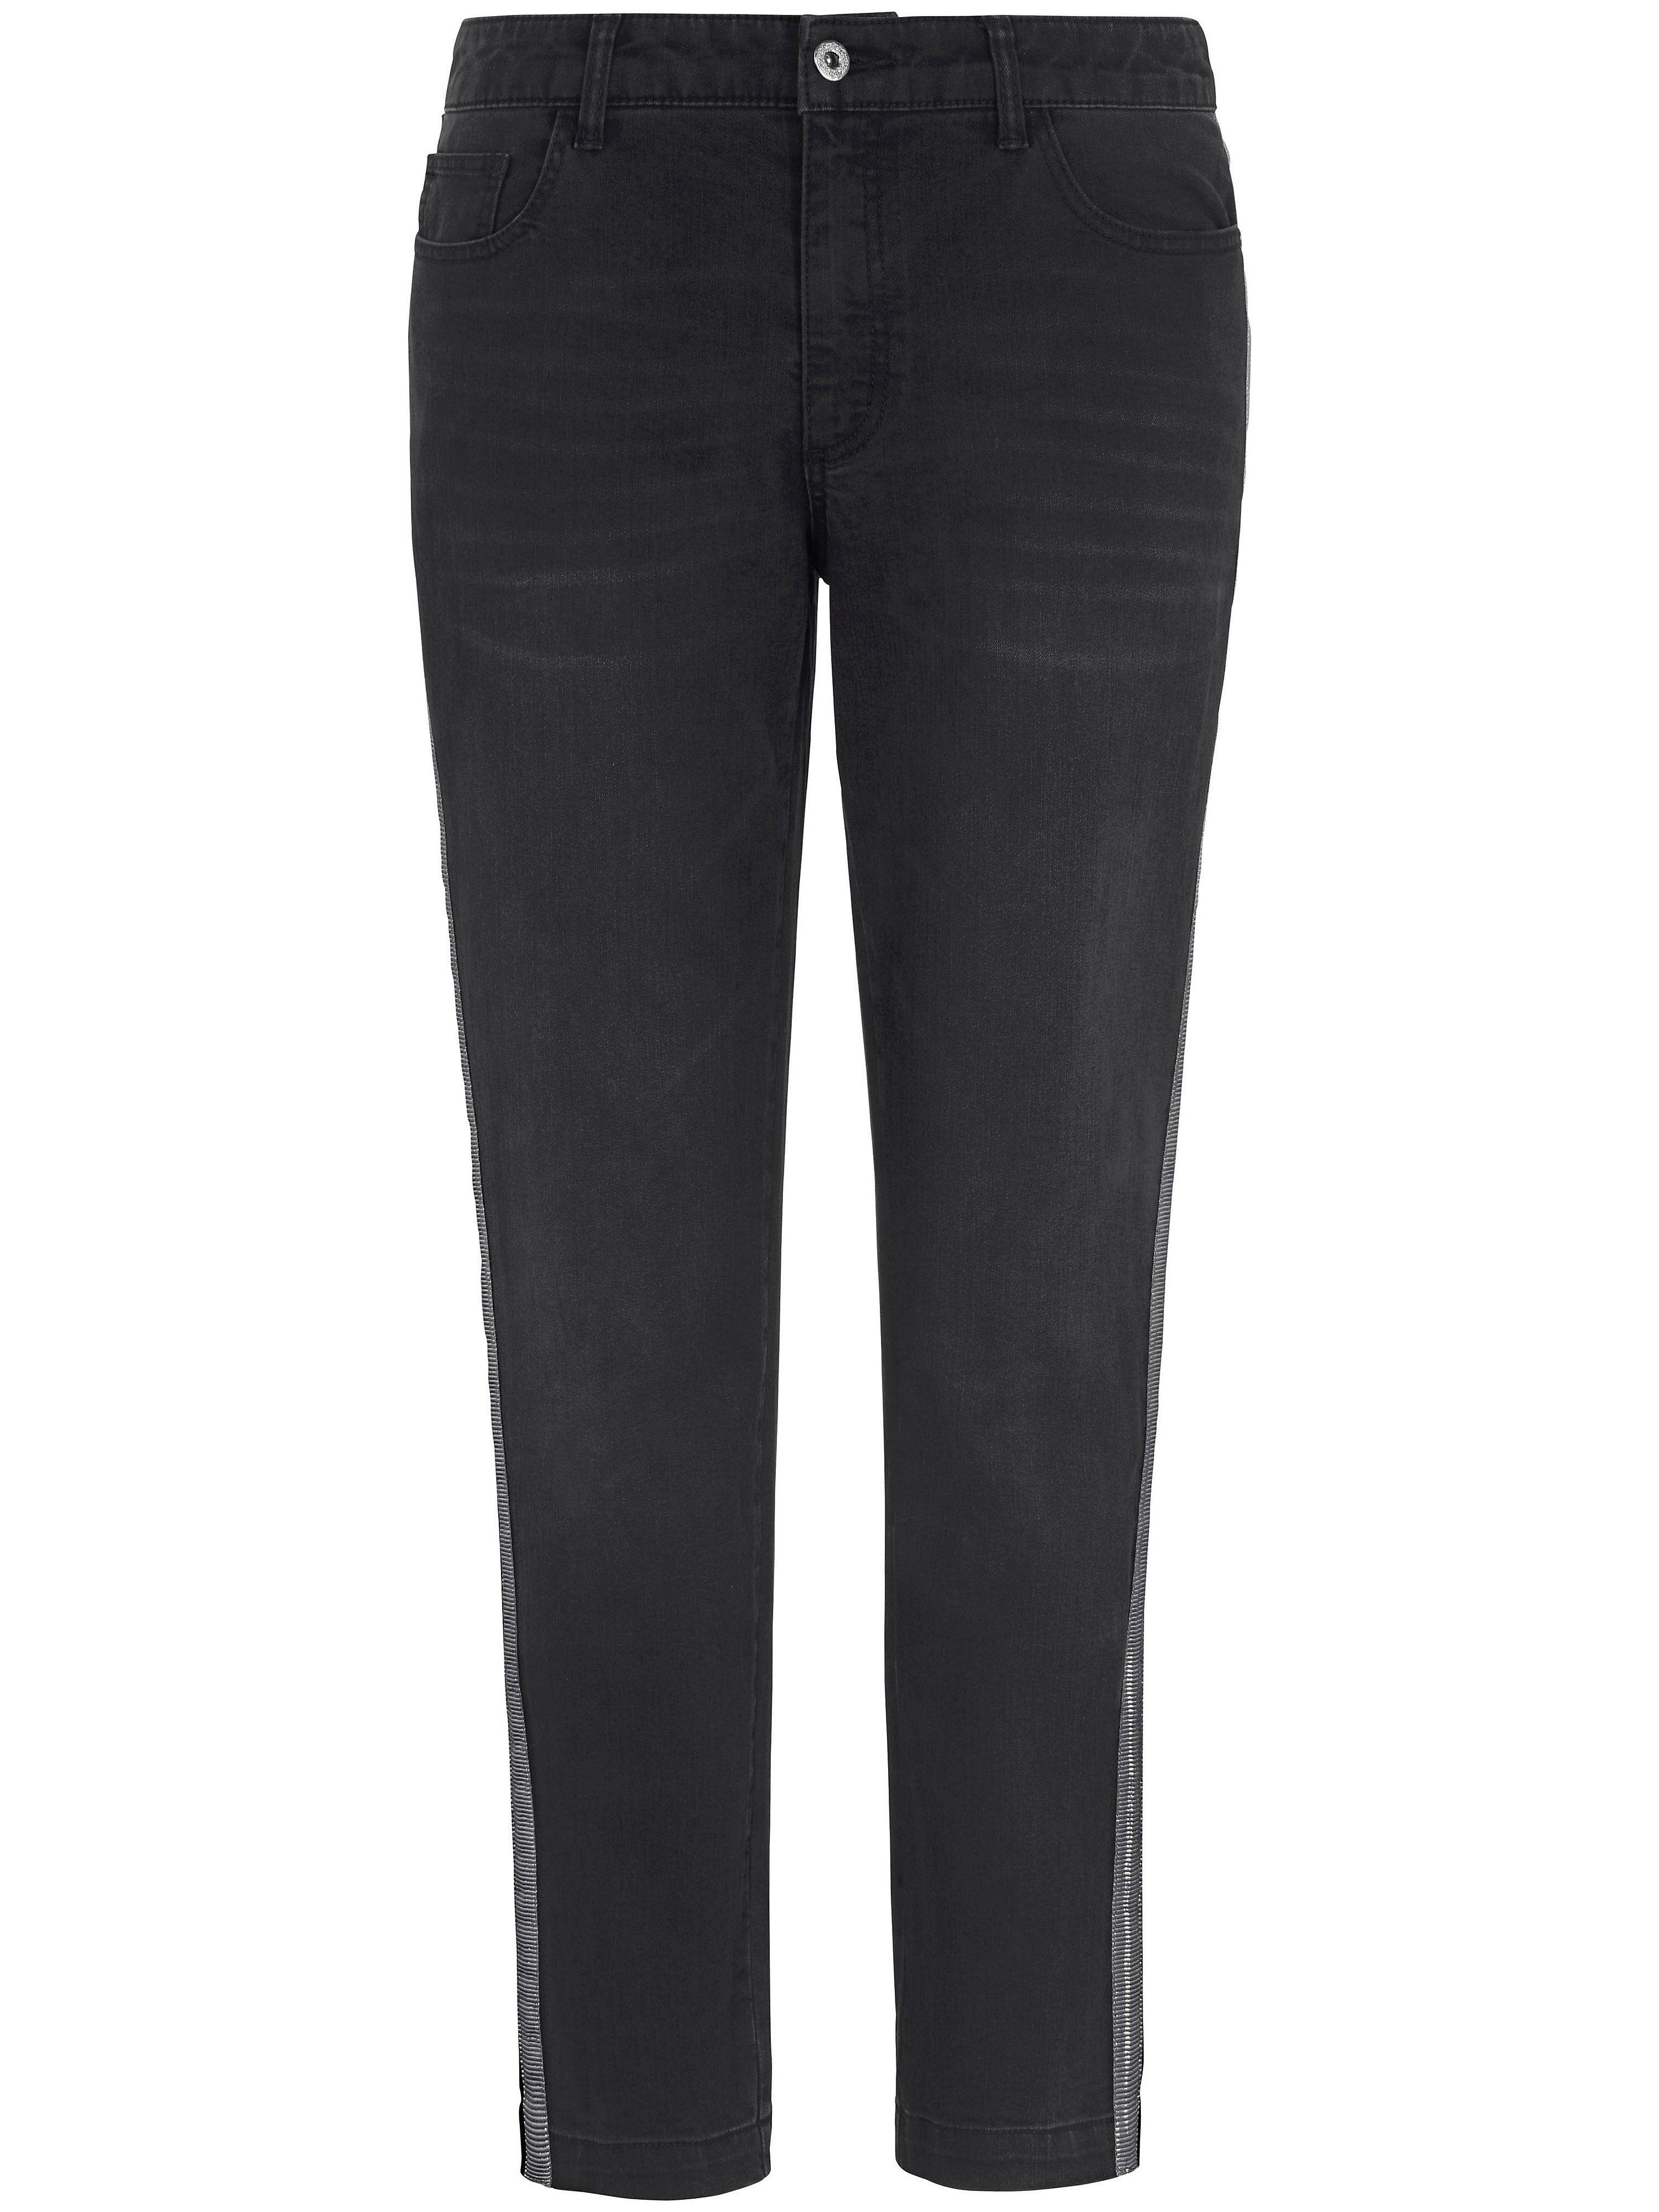 Image of   Ankellange jeans Fra Emilia Lay grå